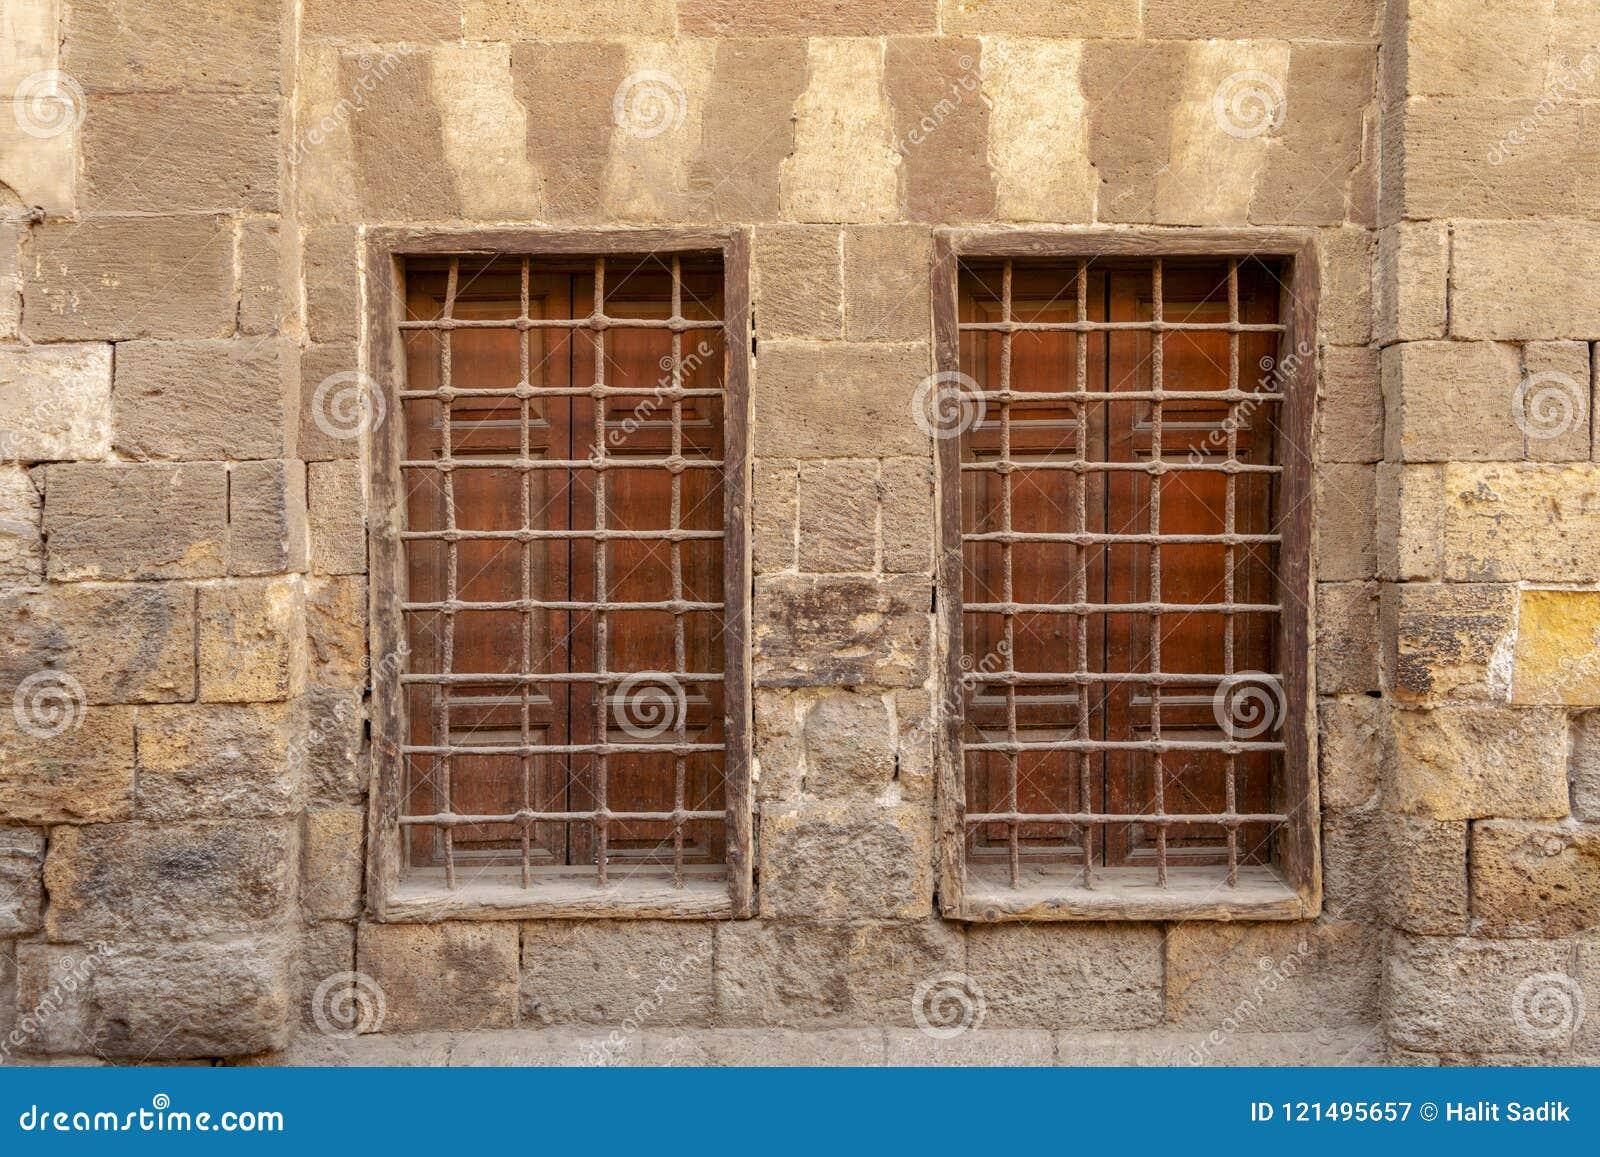 Twee aangrenzende houten vensters met ijzernet over verfraaide steenbakstenen muur, Middeleeuws Kaïro, Egypte